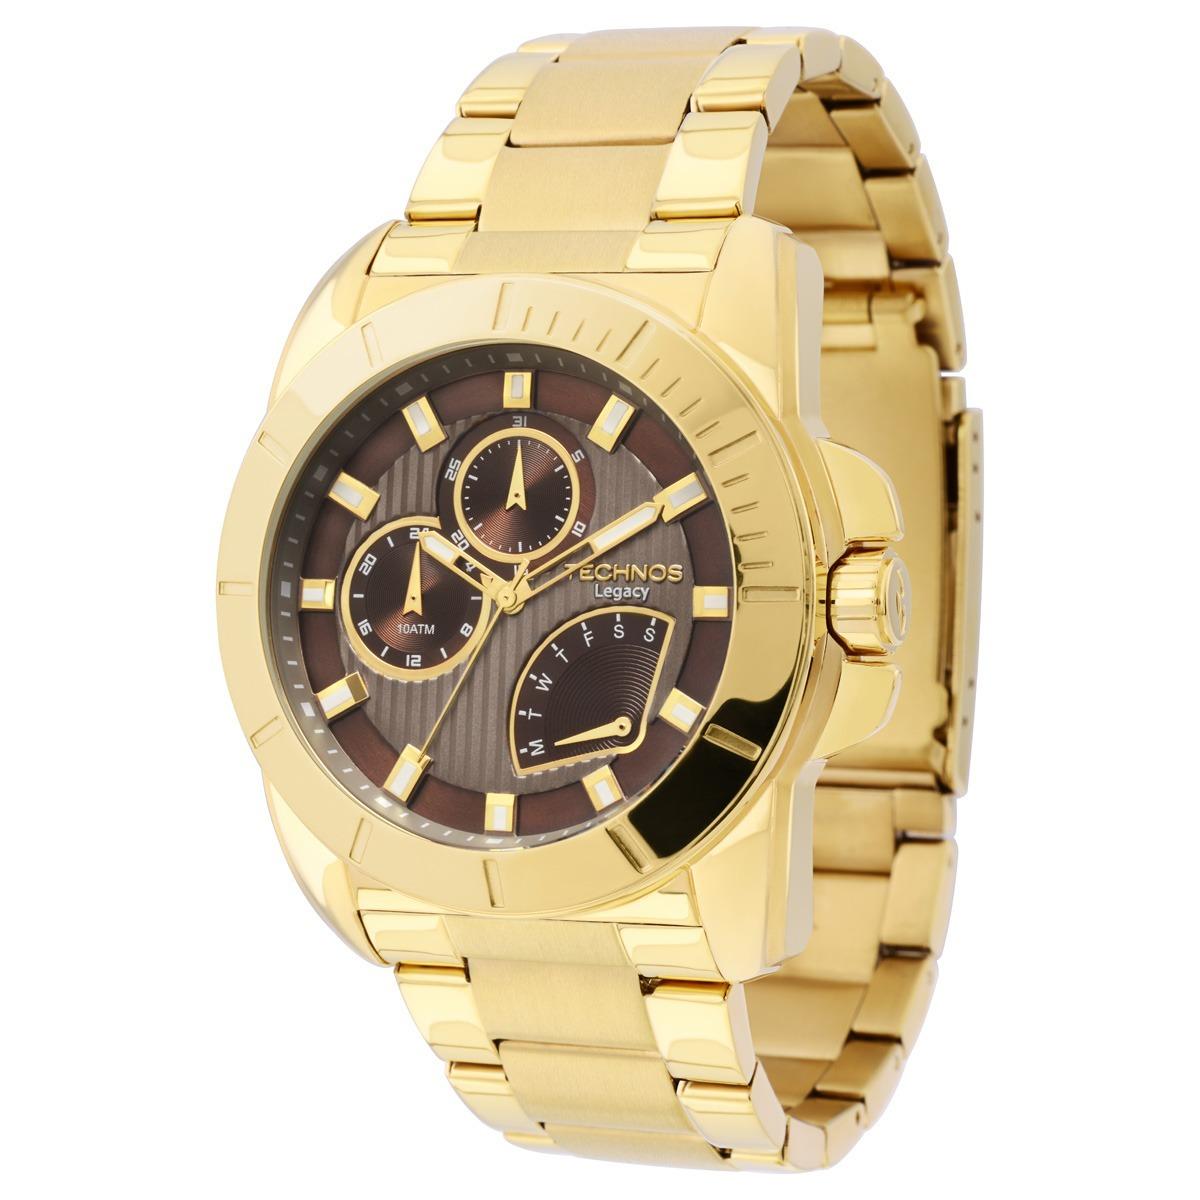 574b71fc8af relógio technos legacy dourado multifunção - jr00ap 4m show. Carregando  zoom.